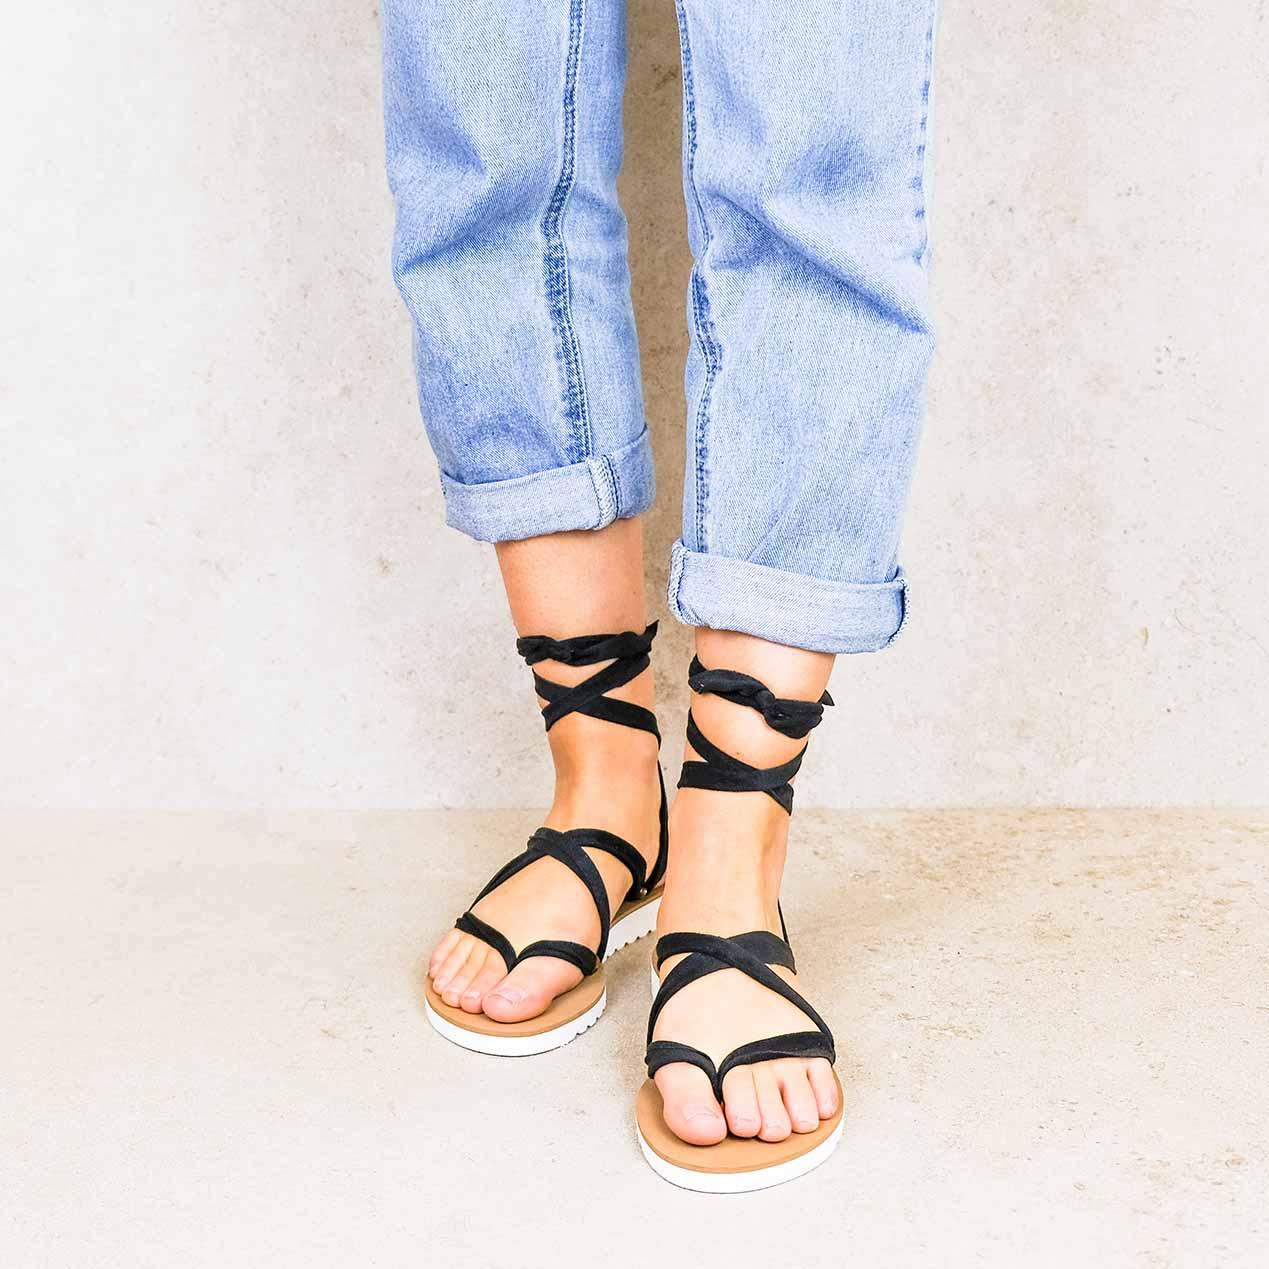 Chalco-vegan_lintsandalen sandals travelsandals vegan sustainable sandals wikkelsandalen.jpg